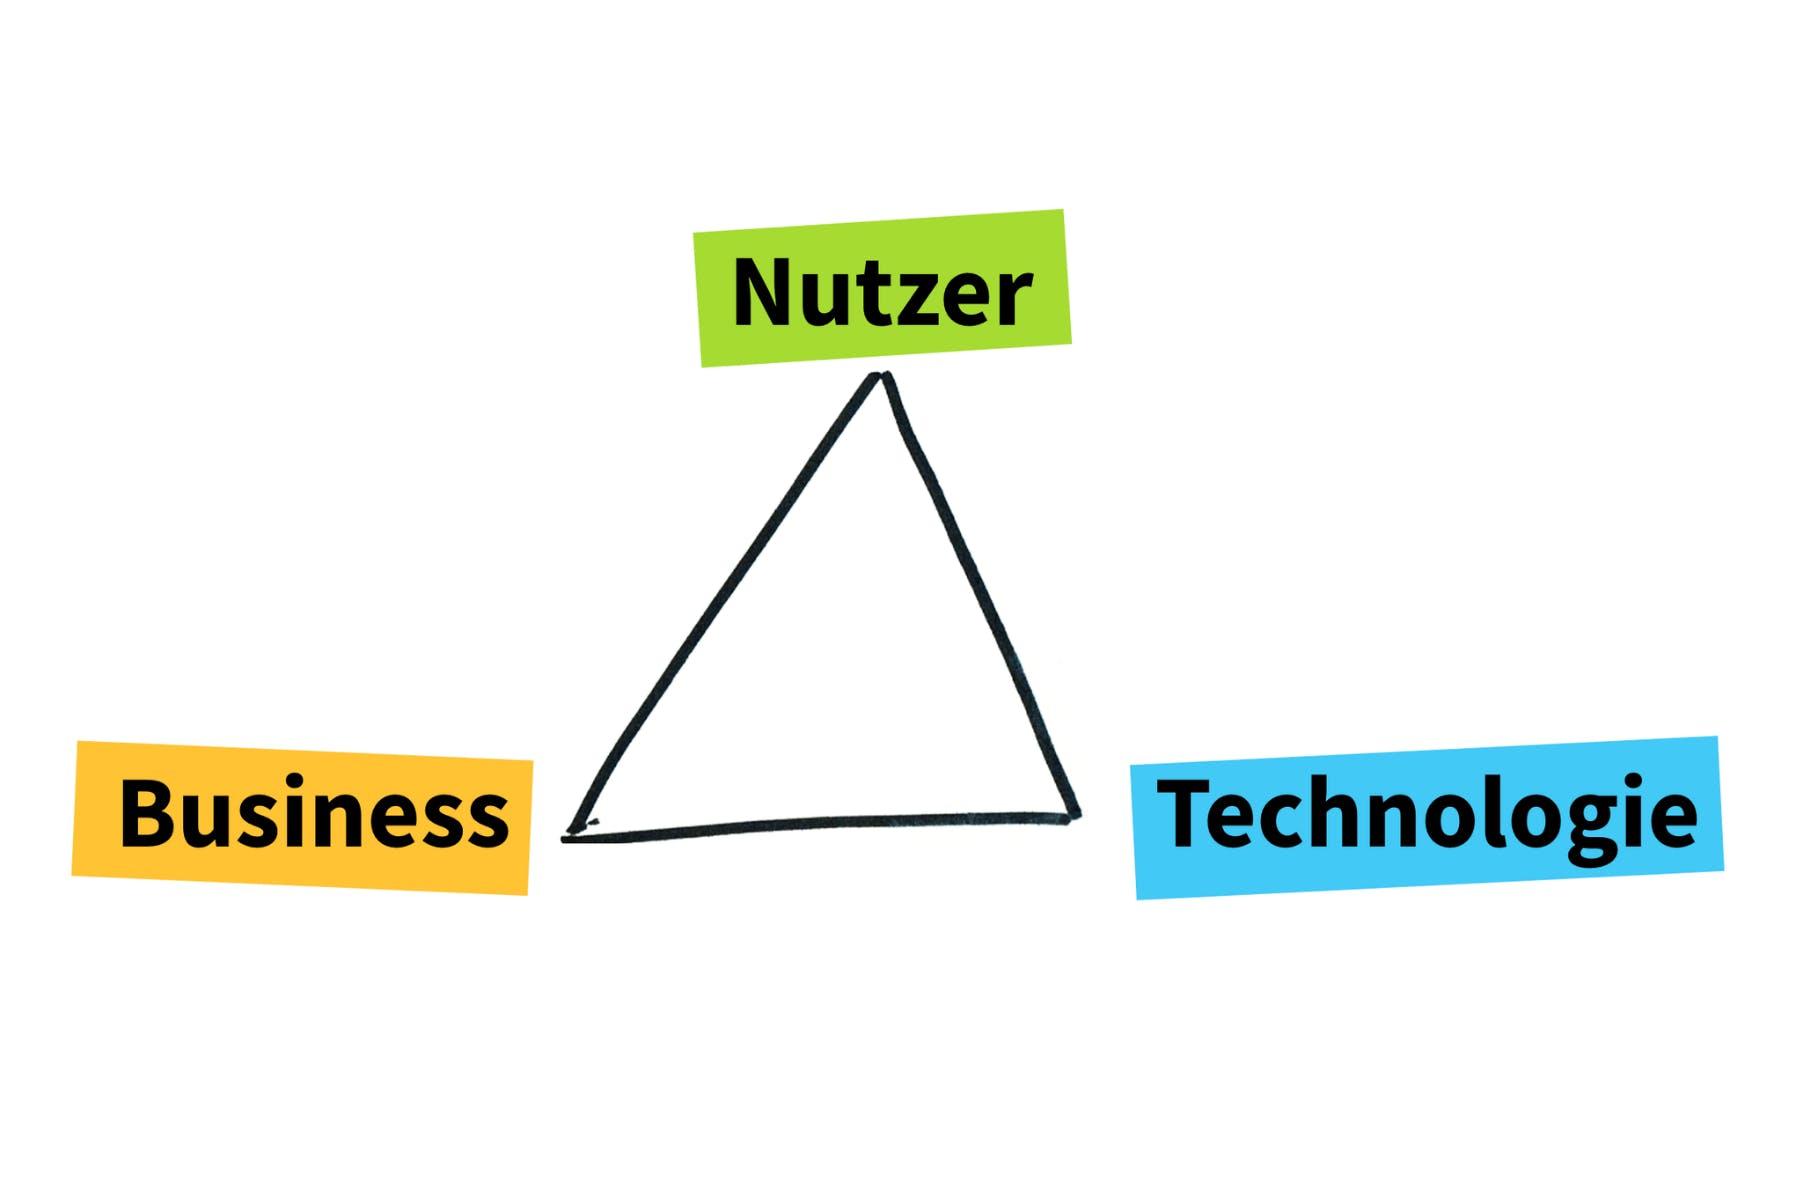 Kräfteverhältnisse in der Entwicklung digitaler Produkte